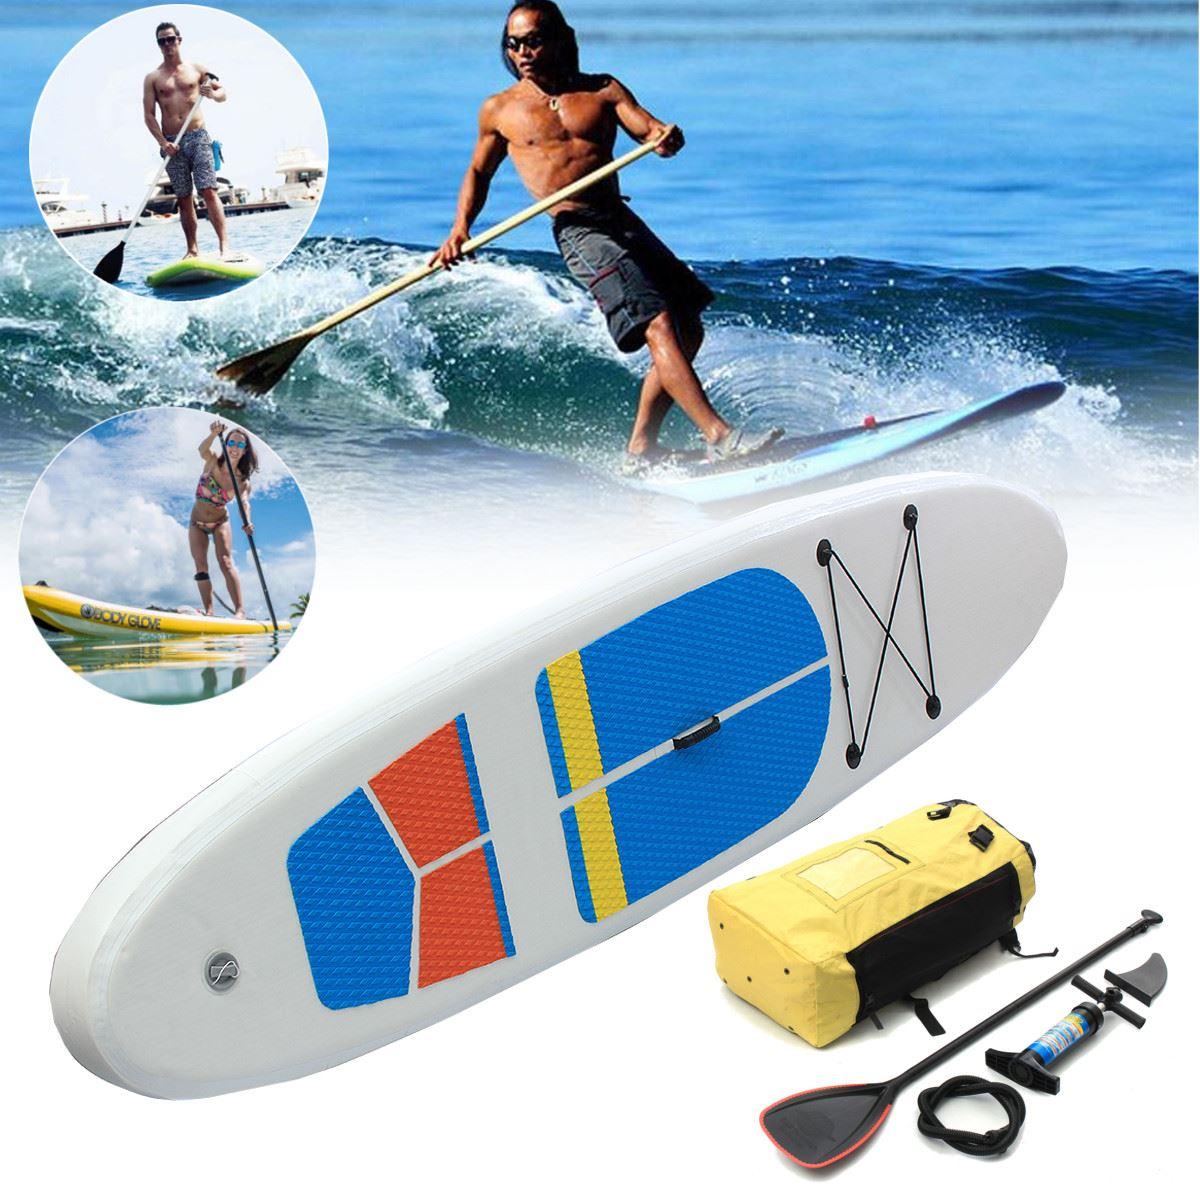 Gofun 330*81*10 cm Stand Up Paddle Surf Planche Gonflable SUP Ensemble W ave Cavalier + Pompe planche de surf gonflable bateau à aubes